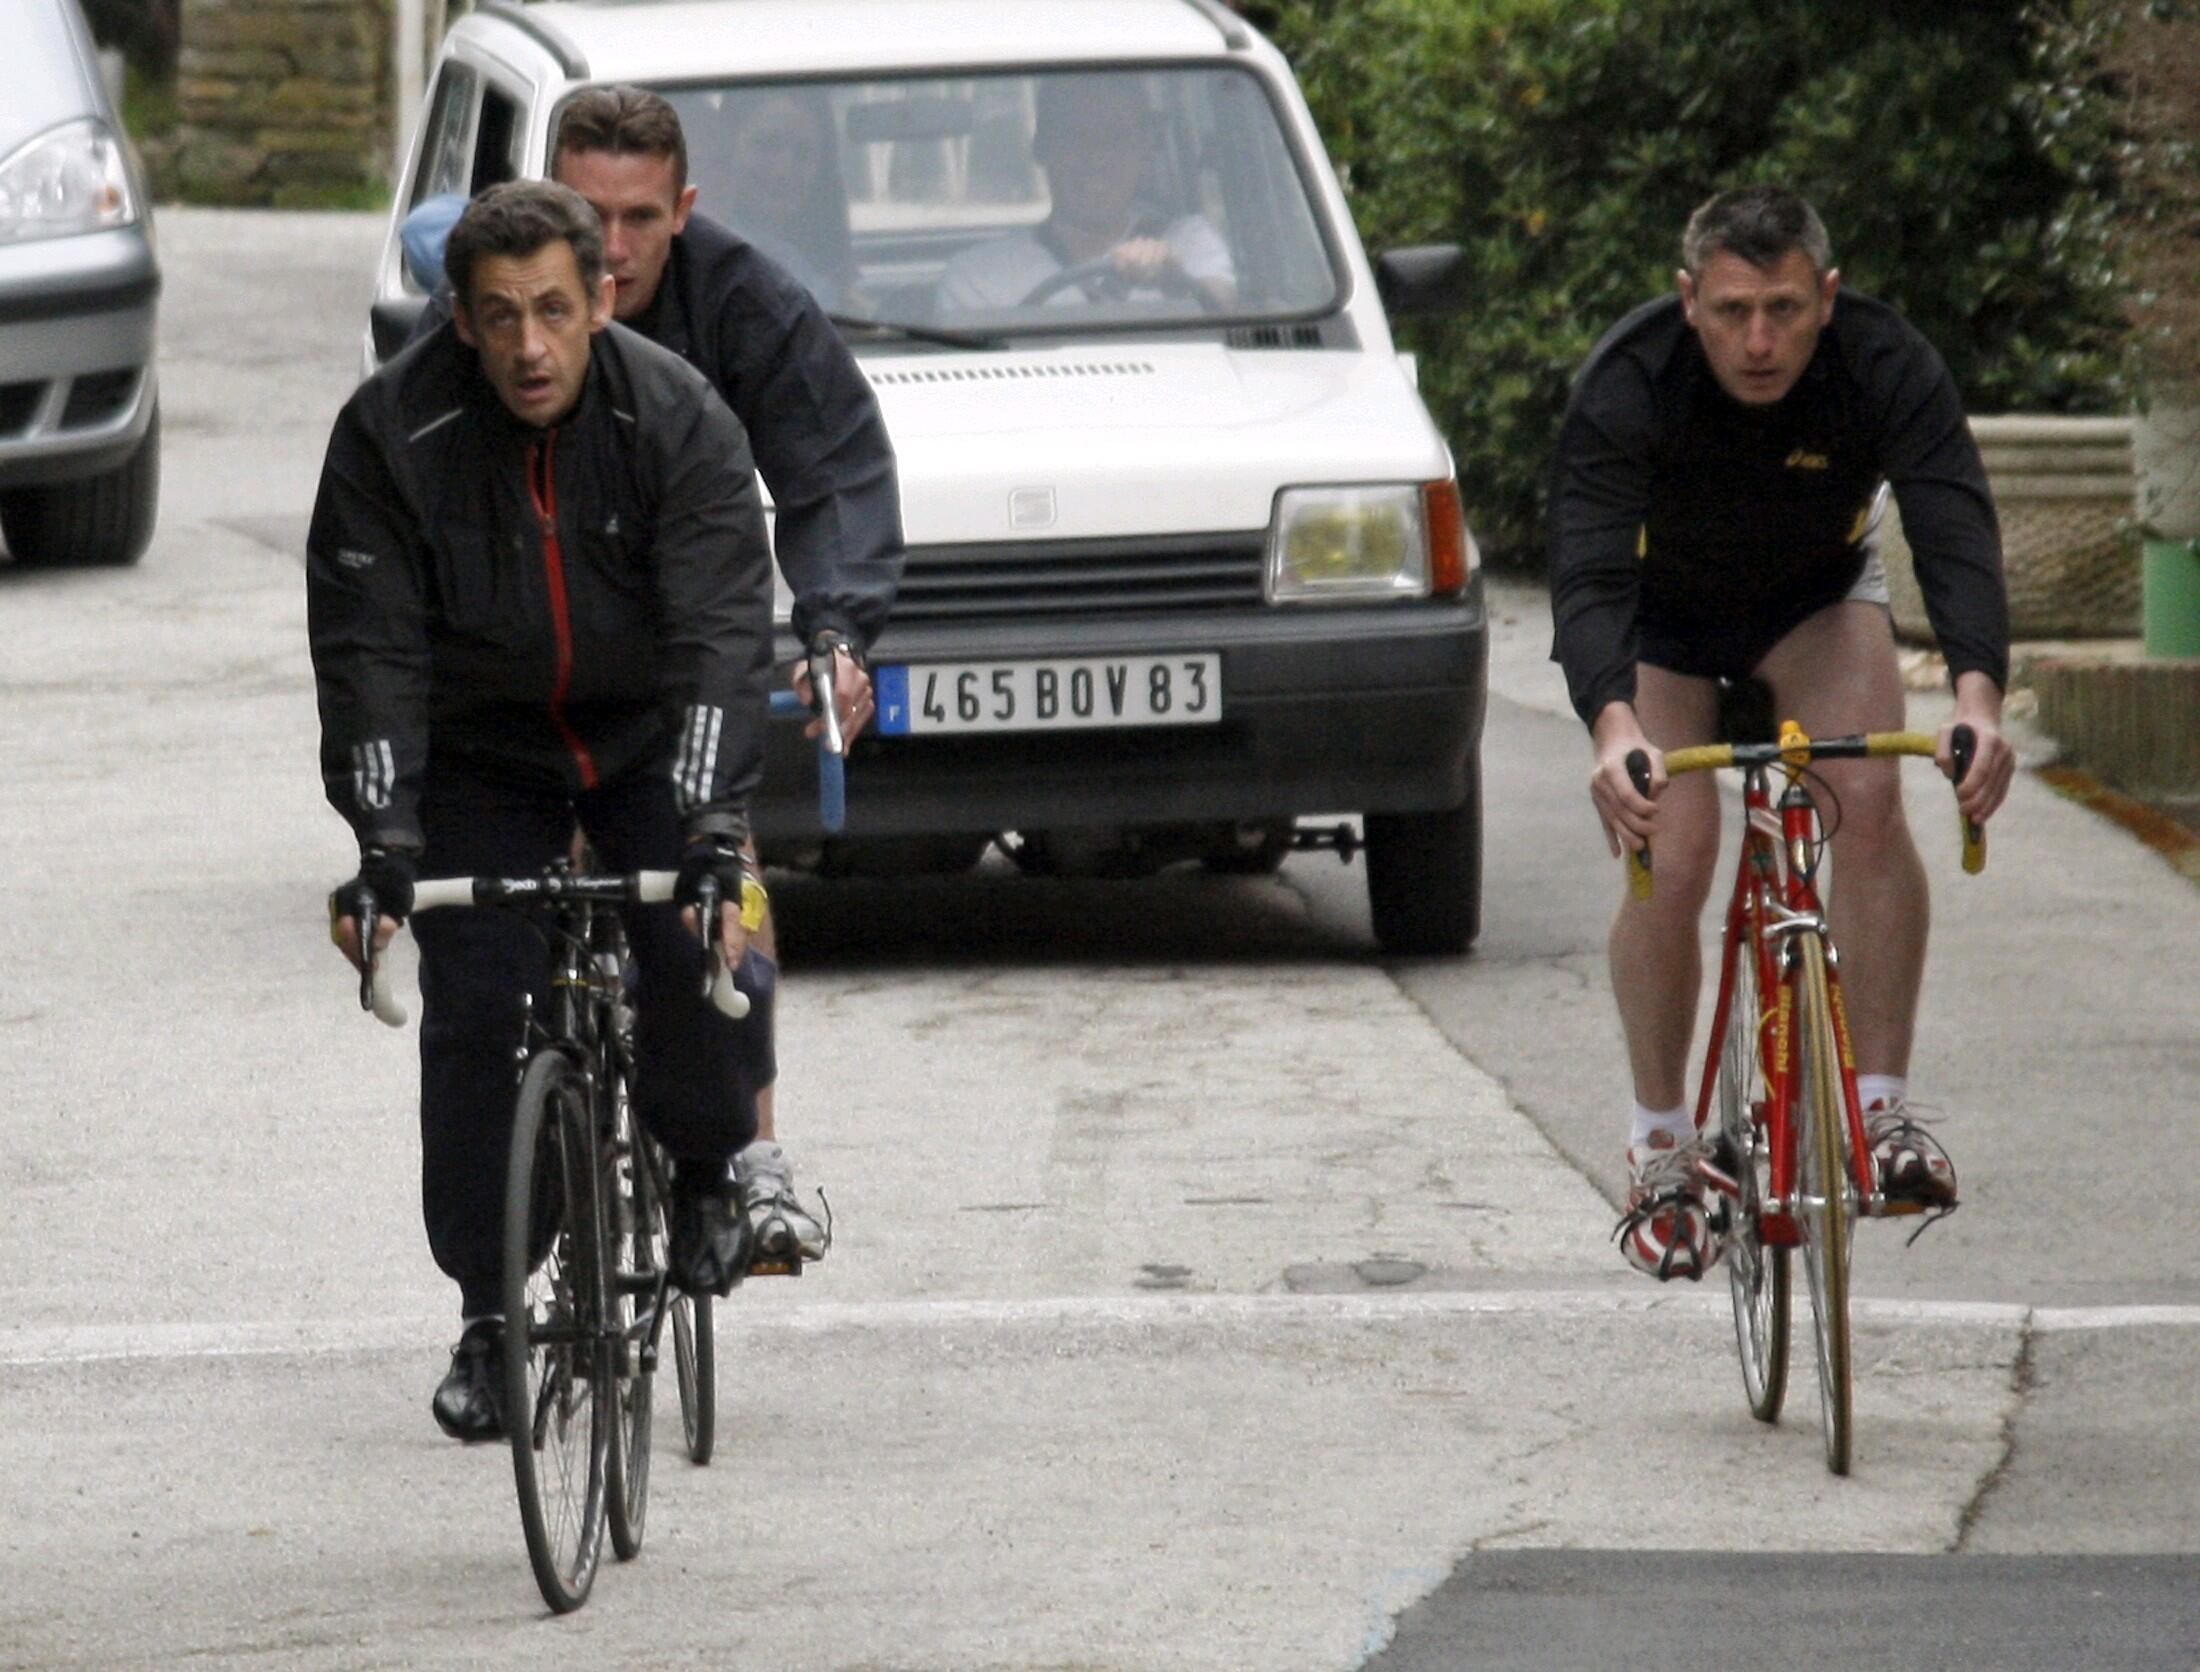 Уходящий президент Франции Николя Саркози совершает велосипедную проглуку в сопровождении телохранителей